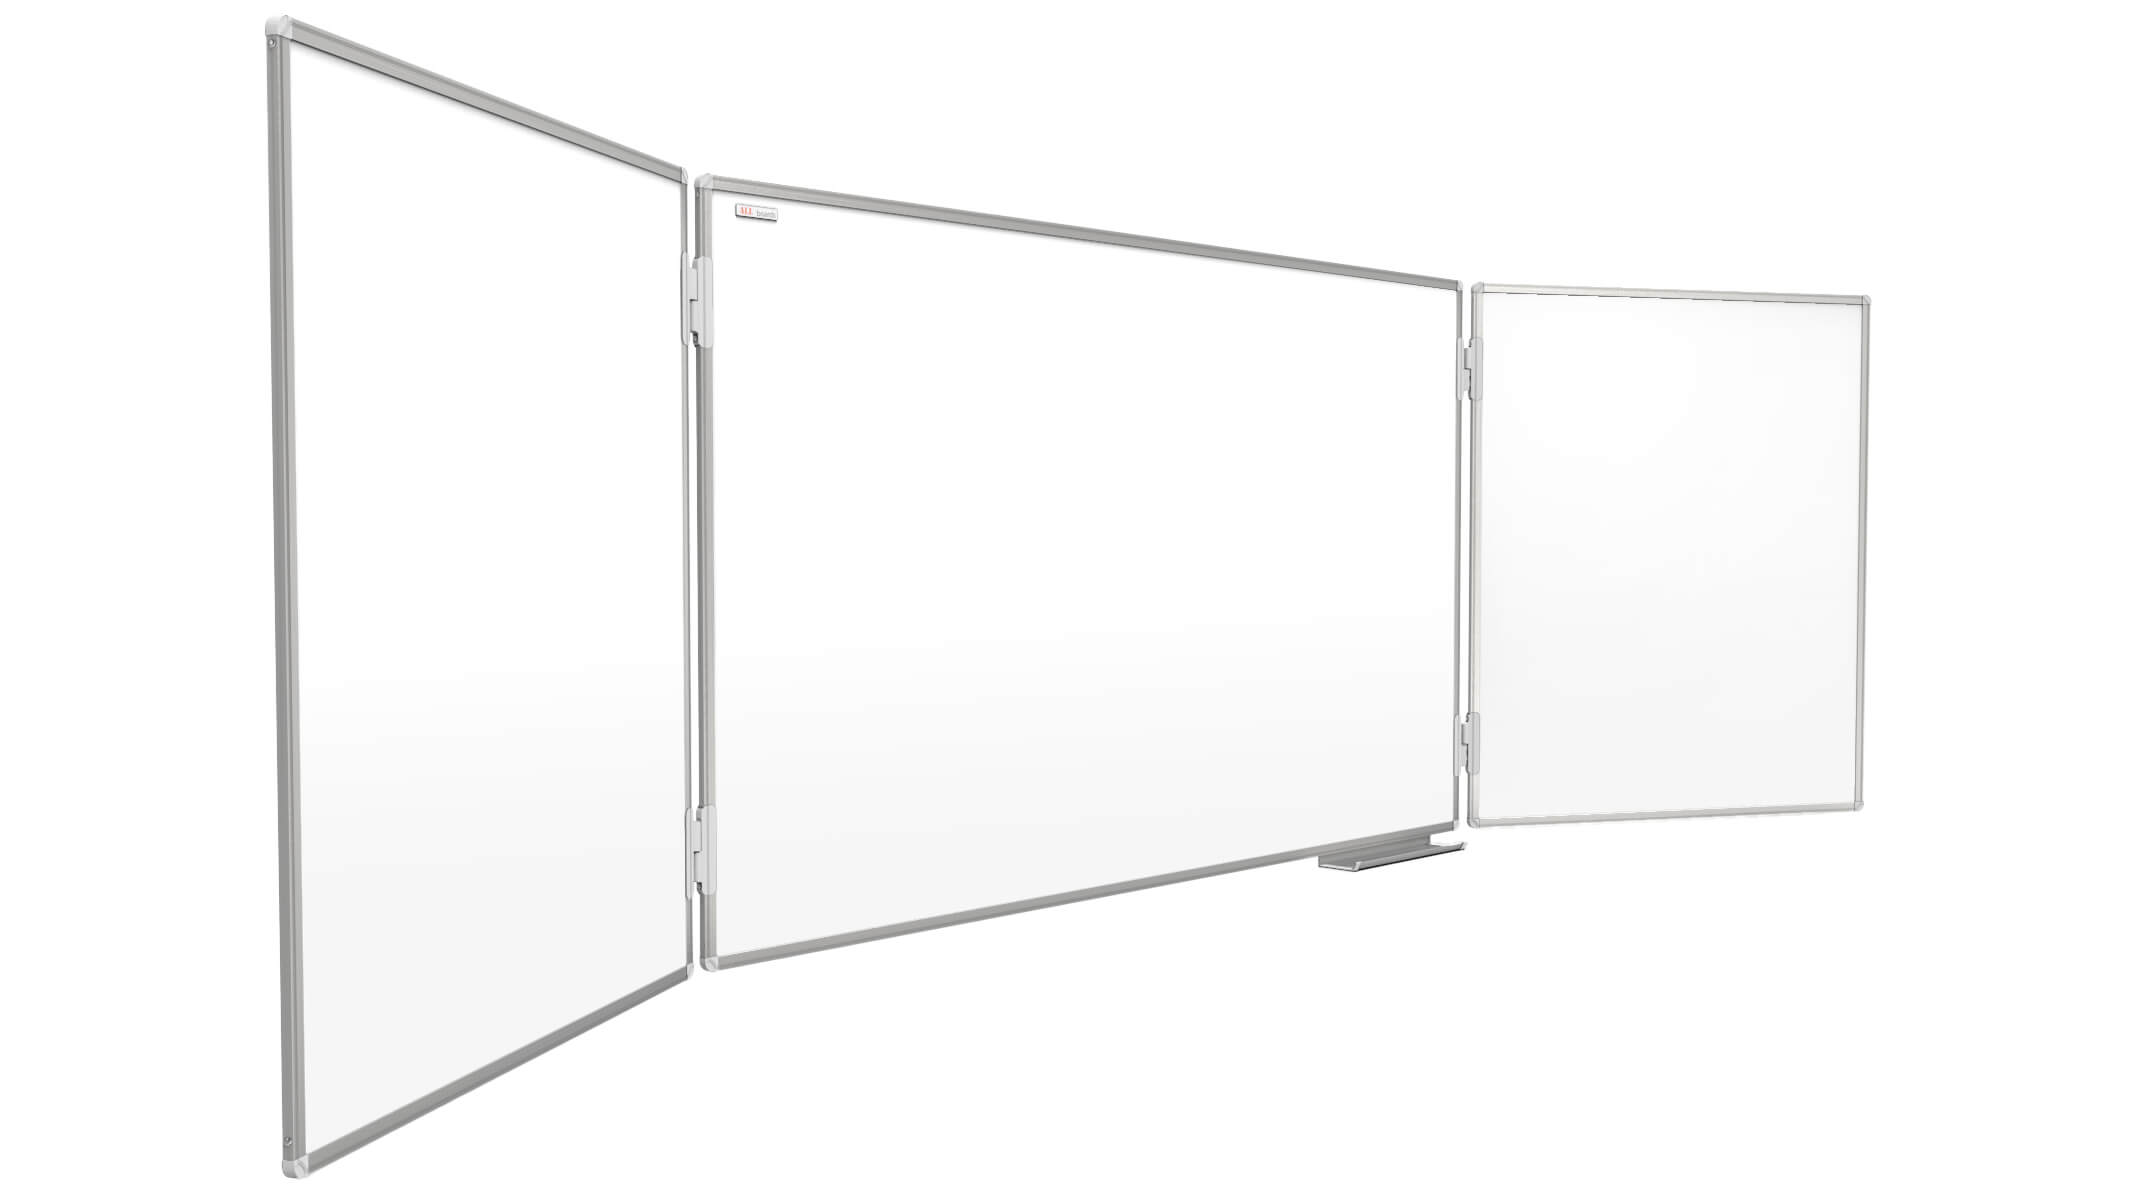 confezione multipla Lavagna in schiuma confezione da 3 30 x 50 cm Elmers